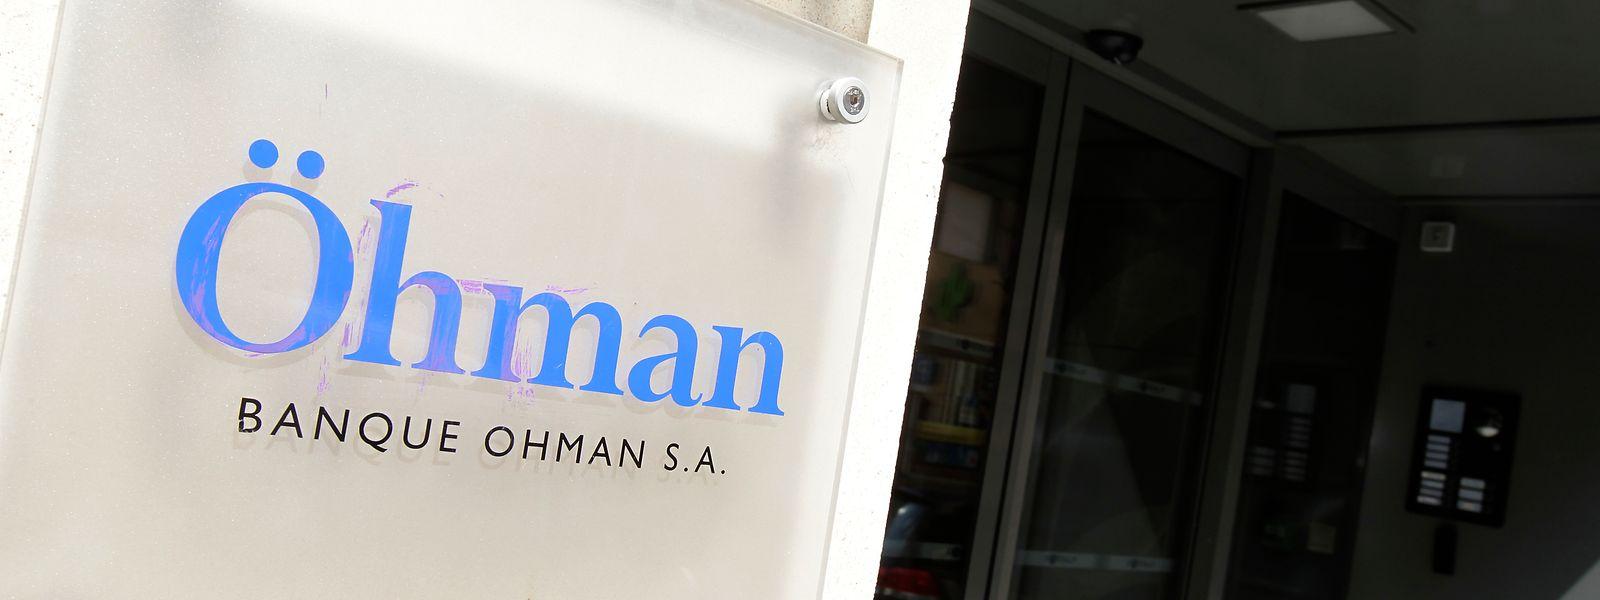 Le plan social signé chez Öhman Bank concerne 17 salariés qui perdront leur emploi d'ici la fin 2020.